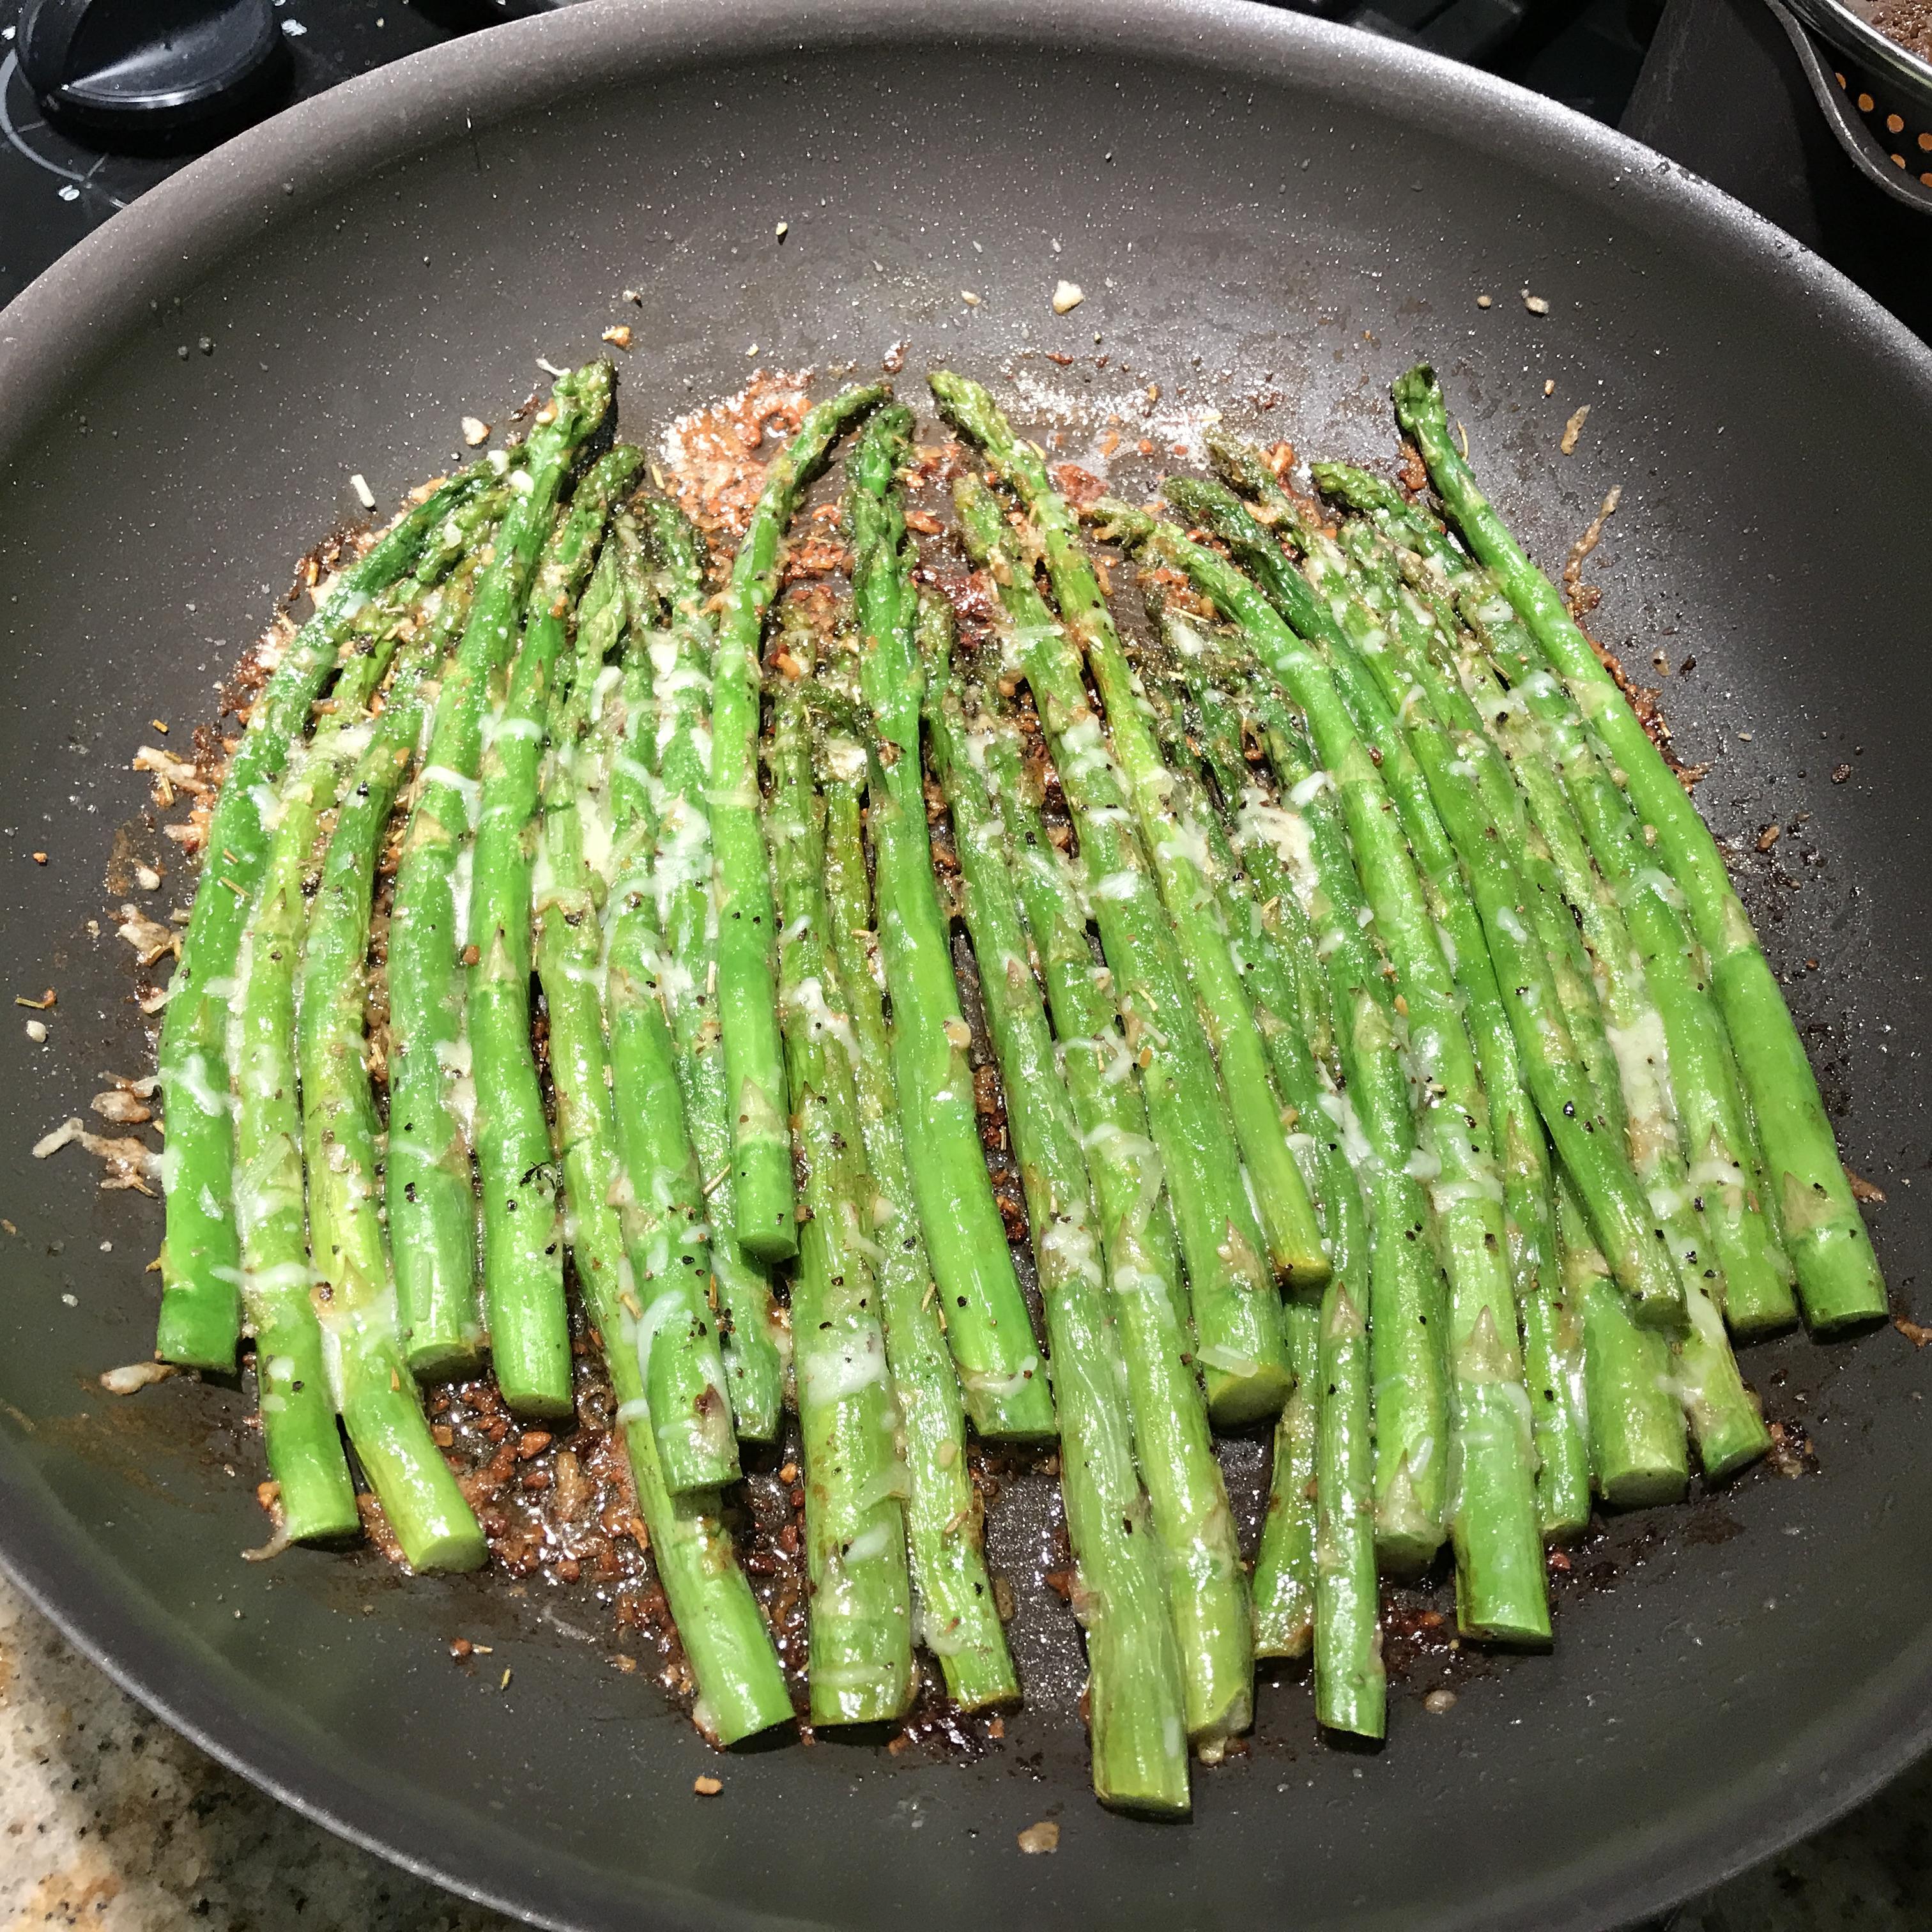 Asparagus Parmesan hapazap